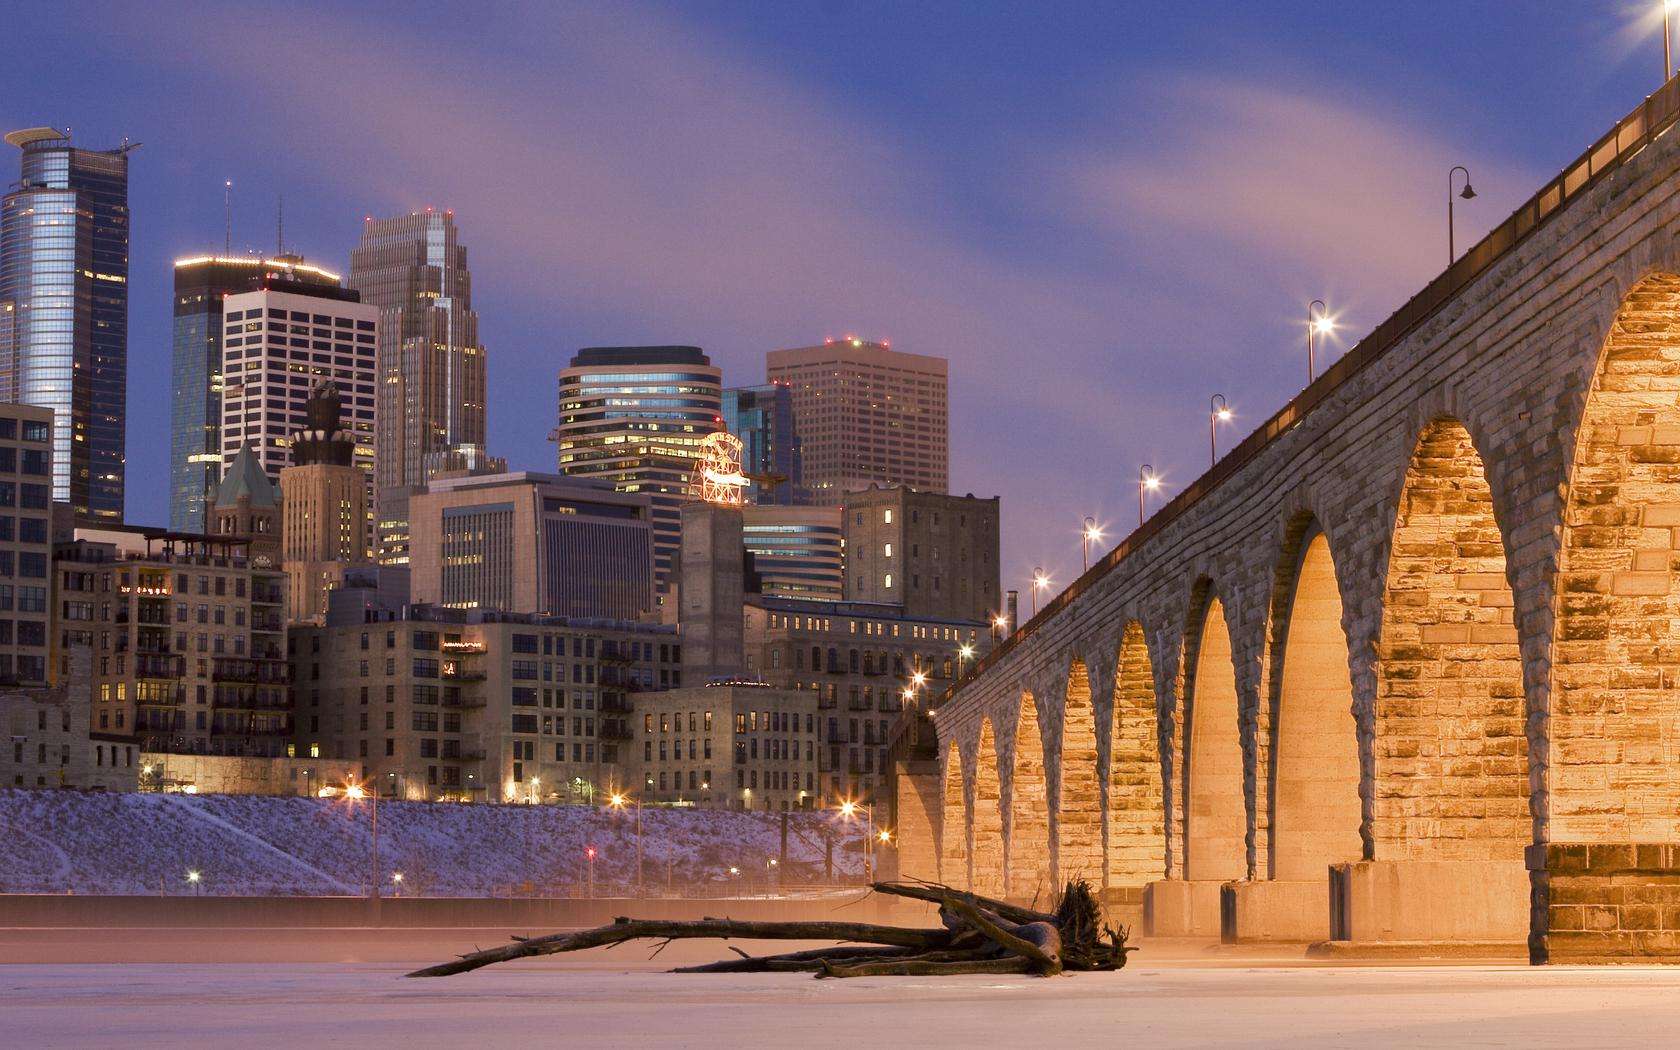 Minneapolis Desktop Wallpaper Wallpapersafari HD Wallpapers Download Free Images Wallpaper [1000image.com]